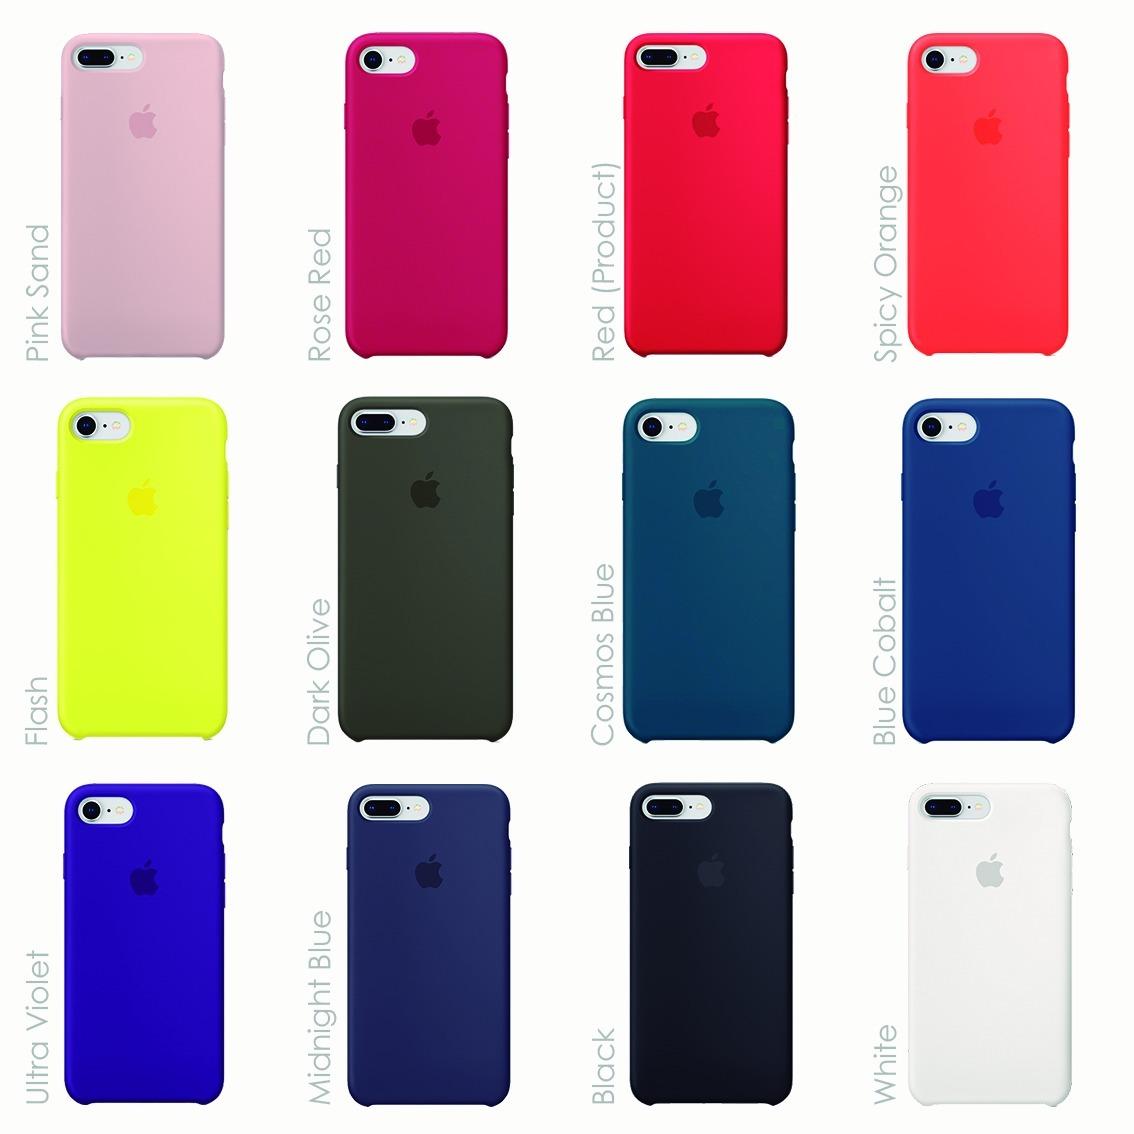 Mansedumbre Incidente, evento Tendero  Carcasa Silicona Original Apple iPhone 7 Y 8, Mabu Store - $ 24.990 en  Mercado Libre